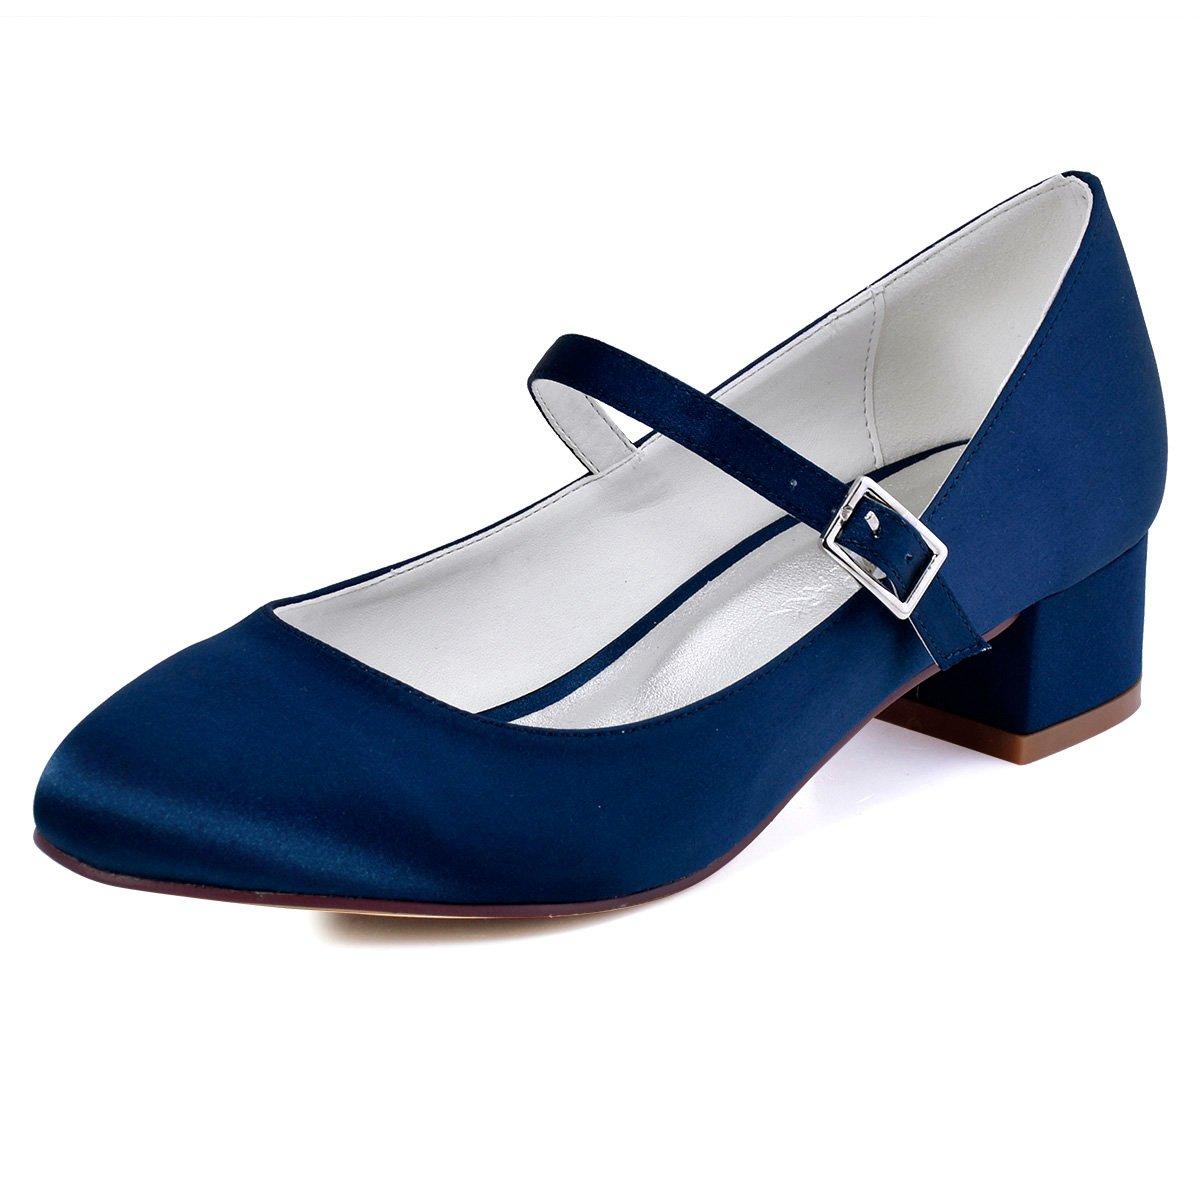 ElegantPark Pompes Soirée Femmes Fermé Bleu Toe Bloc Talon Mary Jane Pompes Satin Chaussures de Mariage Soirée Bleu Marine a84a276 - latesttechnology.space